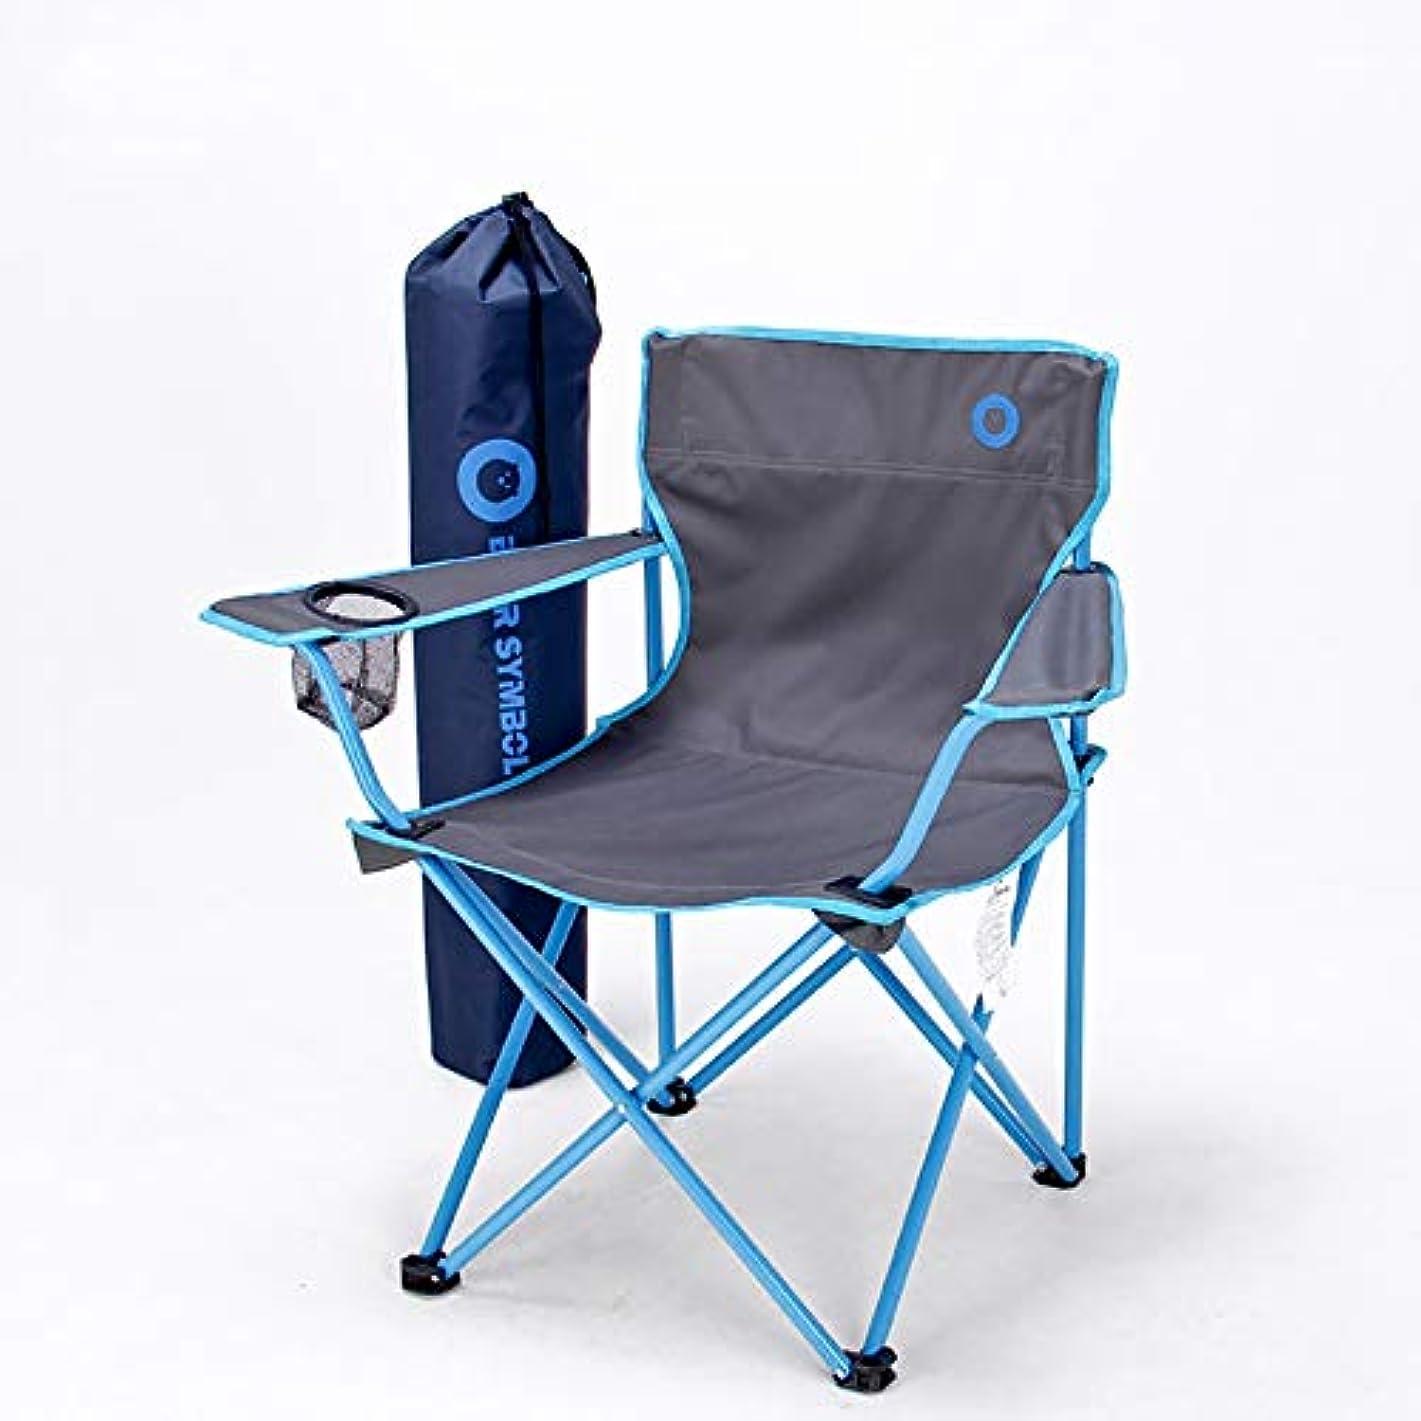 重要性物理学者時折屋外キャンプ折りたたみ椅子超軽量鋼管ポータブル釣り椅子スケッチ涙防止ナイロン格子縞の椅子